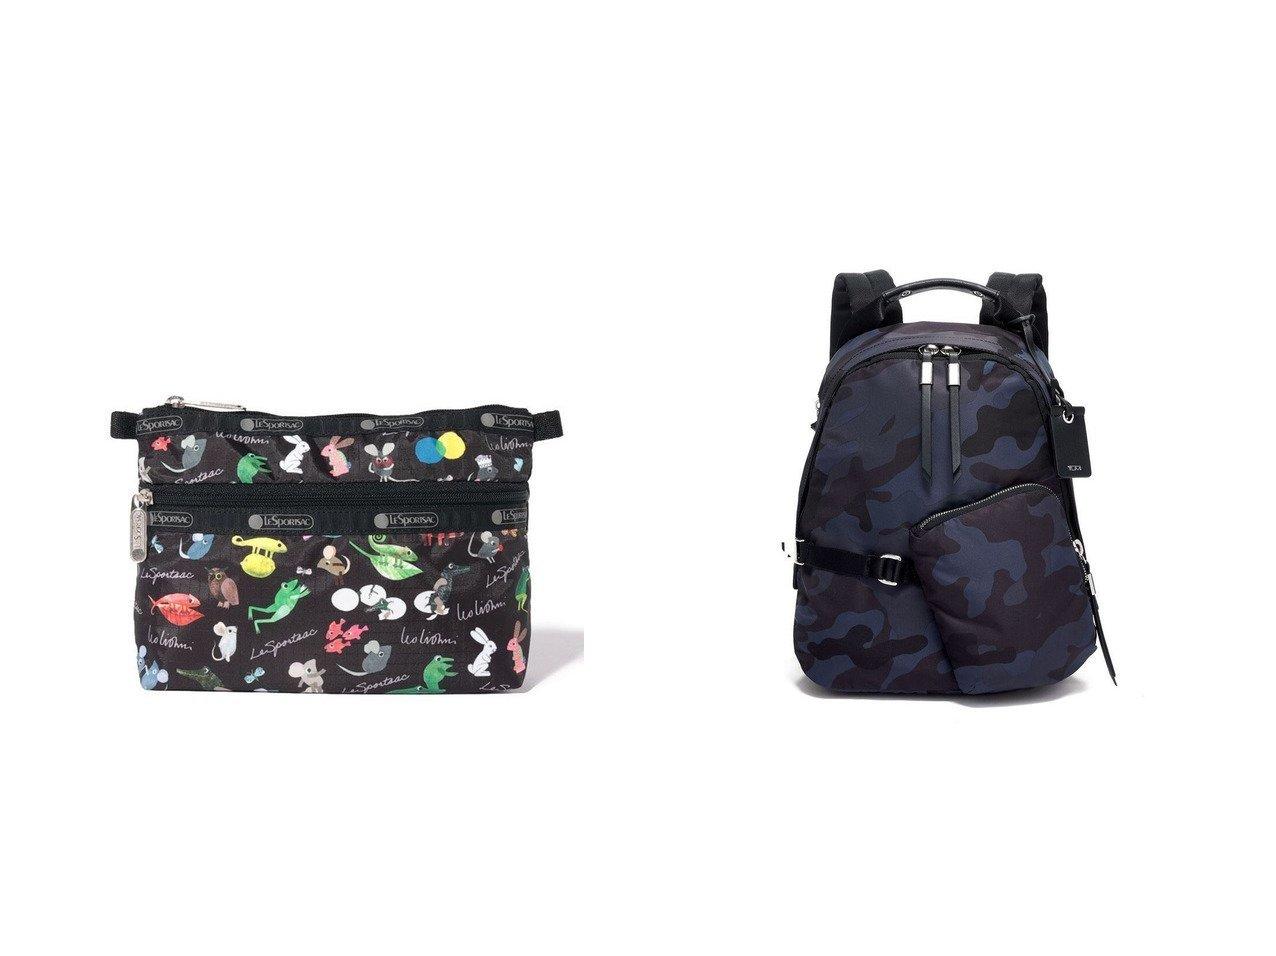 【LeSportsac/レスポートサック】のレオ・レオニ ブラック&【TUMI/トゥミ】のレディス DEVOE 「スターリング」バックパック 【バッグ・鞄】おすすめ!人気、トレンド・レディースファッションの通販 おすすめで人気の流行・トレンド、ファッションの通販商品 メンズファッション・キッズファッション・インテリア・家具・レディースファッション・服の通販 founy(ファニー) https://founy.com/ ファッション Fashion レディースファッション WOMEN バッグ Bag 財布 Wallets ポーチ Pouches キャラクター ジップ 財布 プリント ポケット ポーチ 再入荷 Restock/Back in Stock/Re Arrival 送料無料 Free Shipping おすすめ Recommend コレクション 雑誌 チャーム ドローストリング マグネット モダン リュック  ID:crp329100000033059